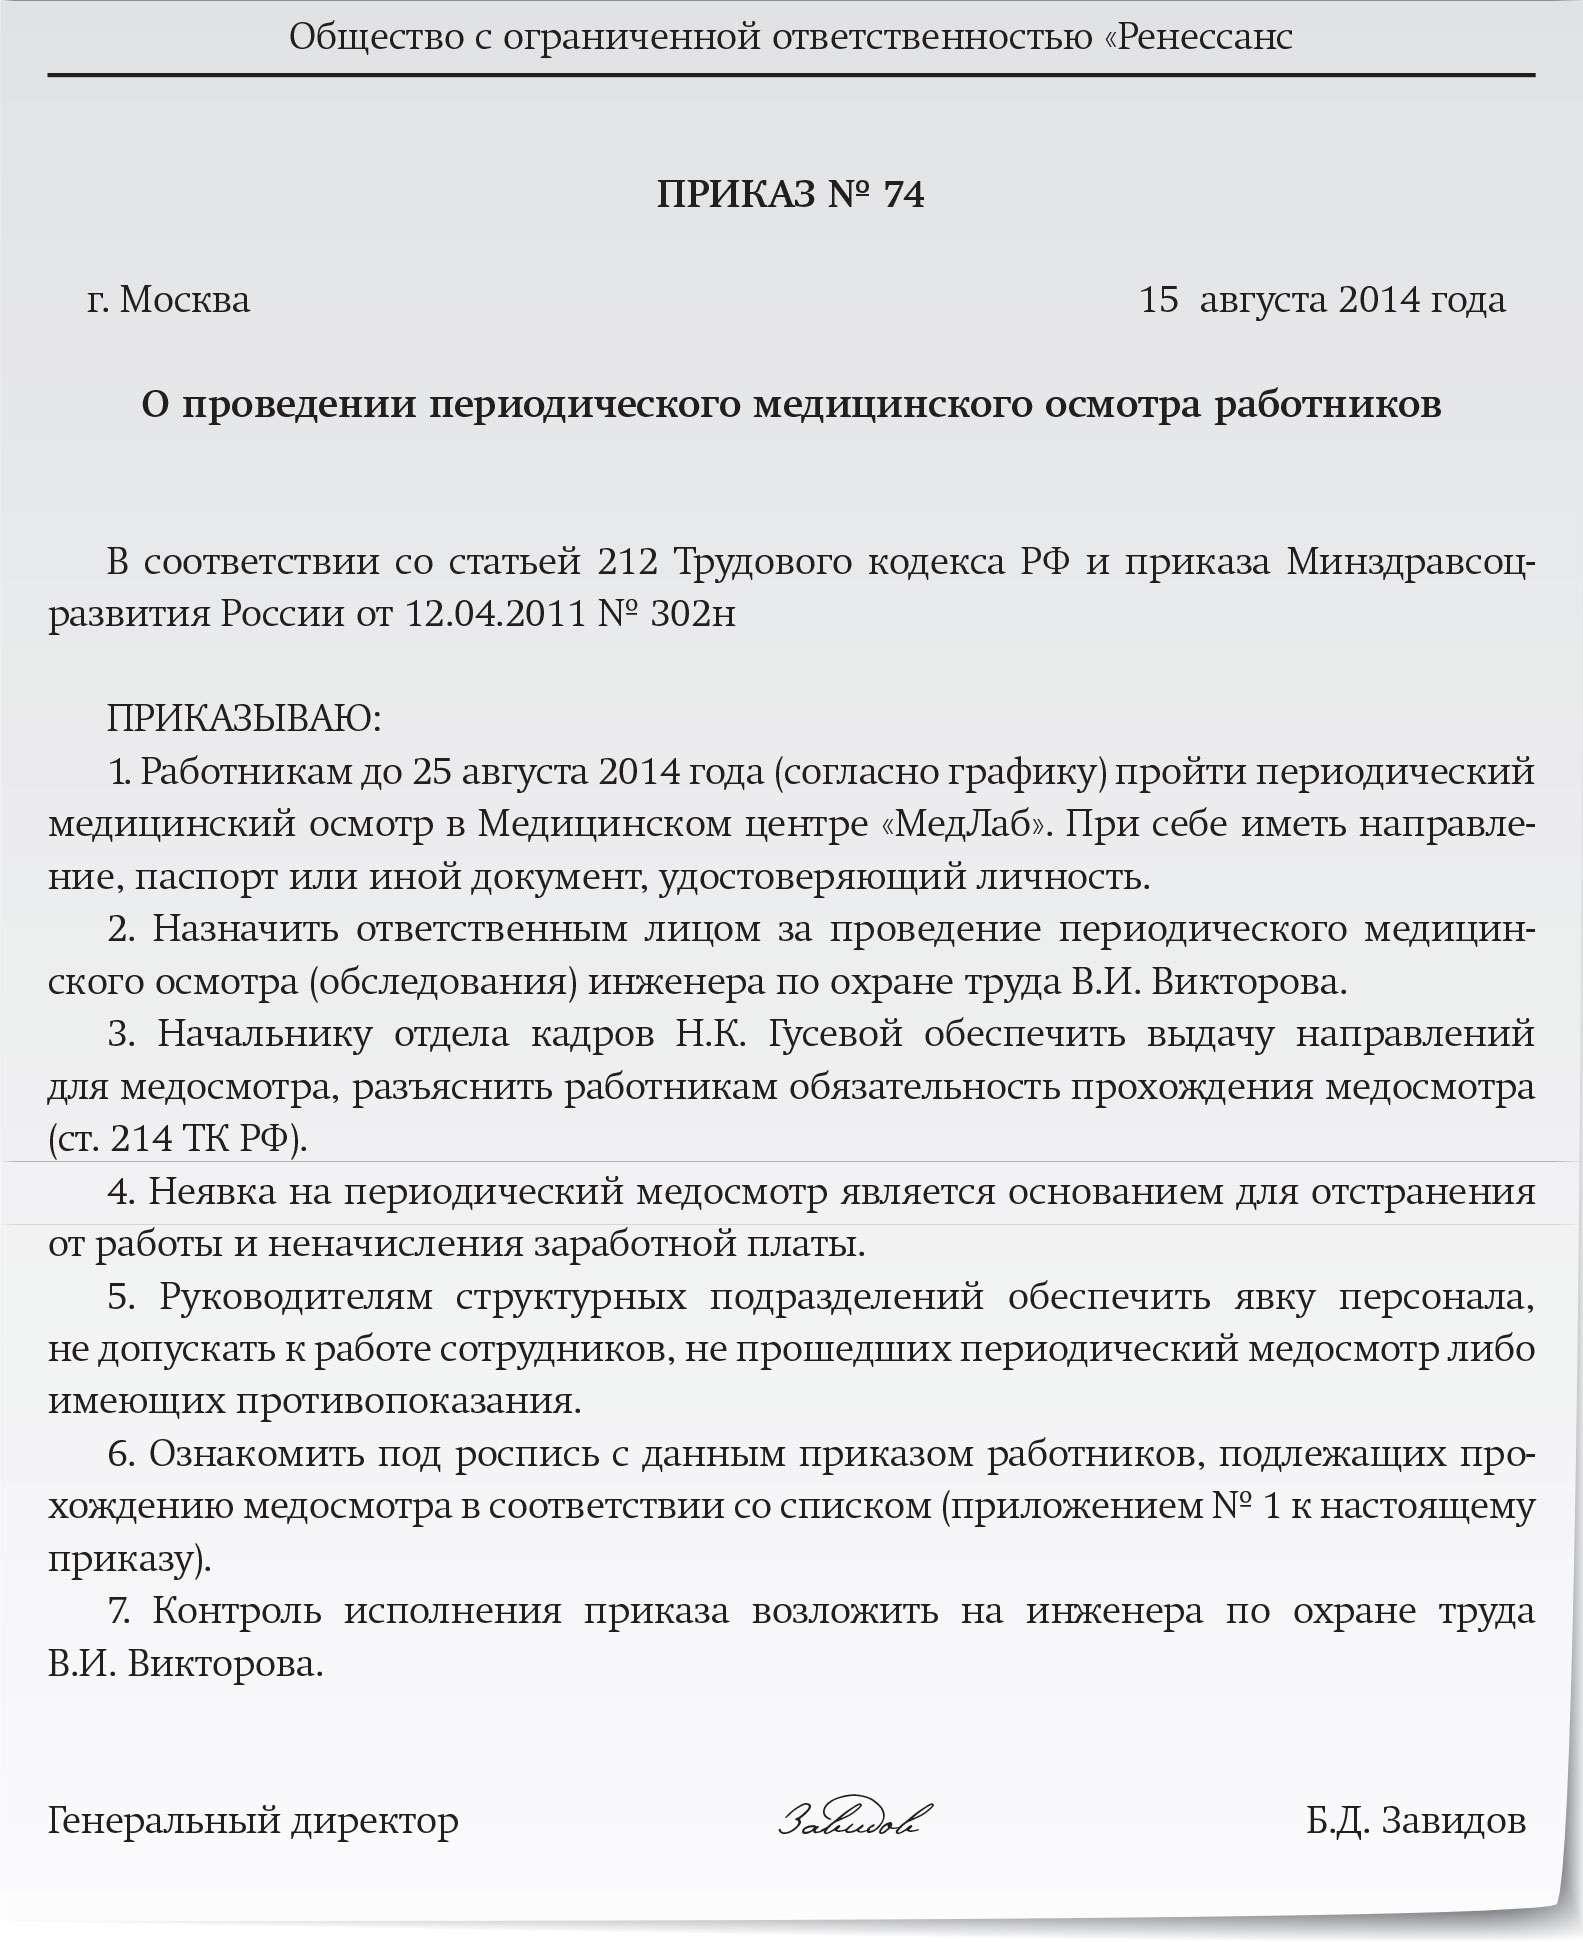 Письмо жириновскому о помощи